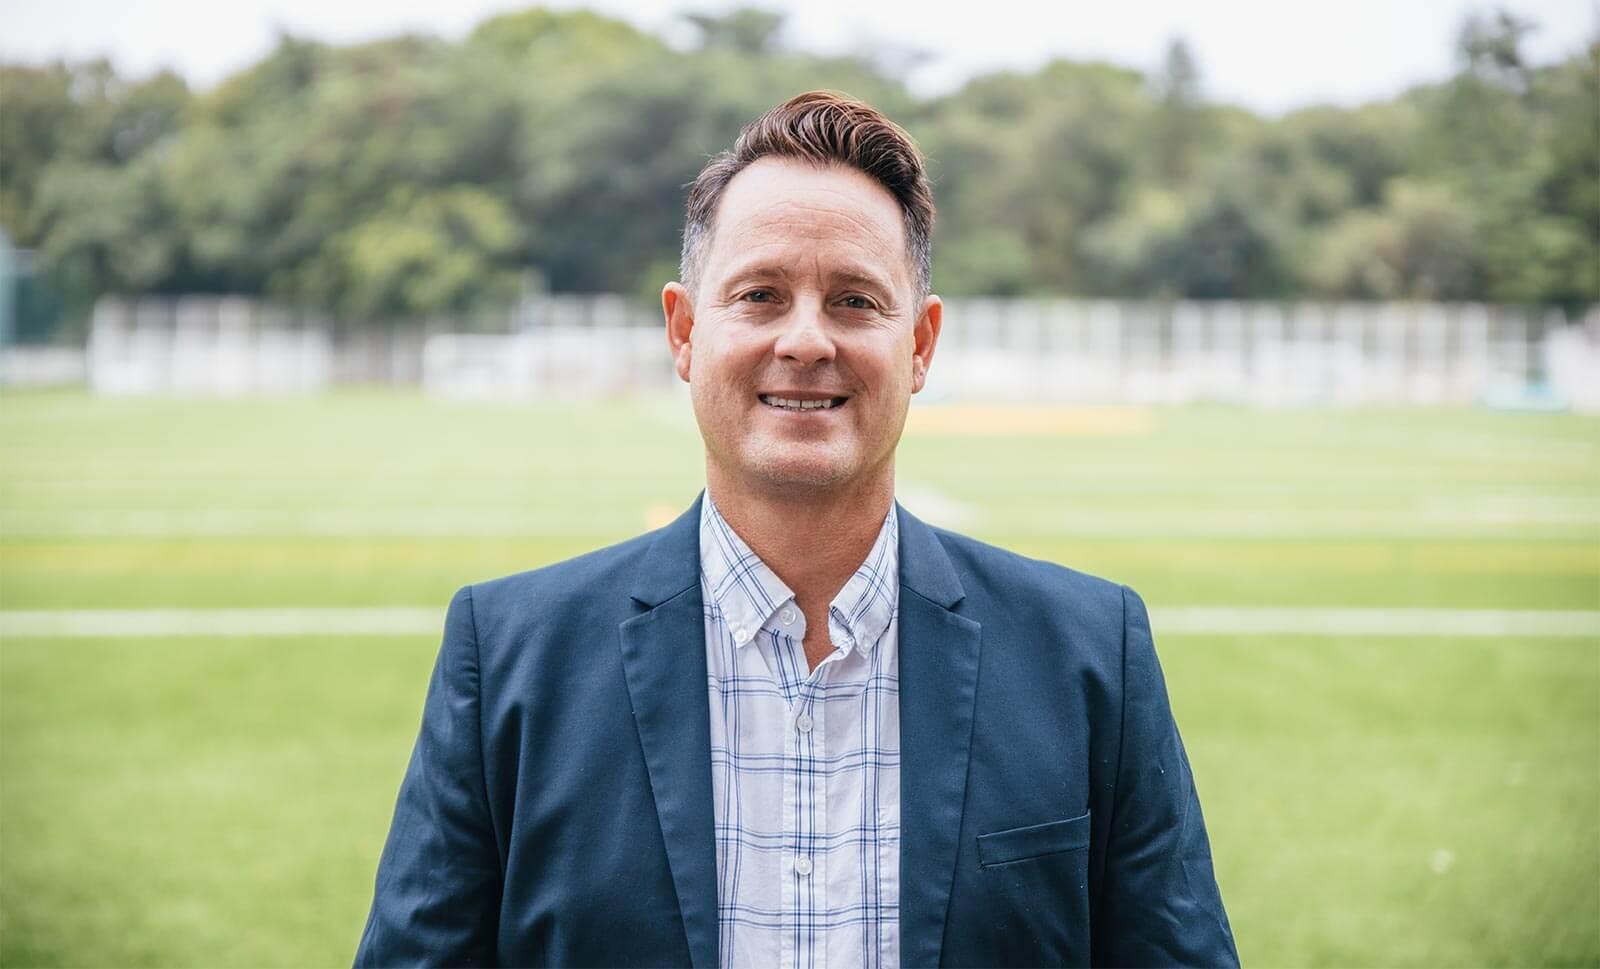 Jon Herzenberg, High School Principal